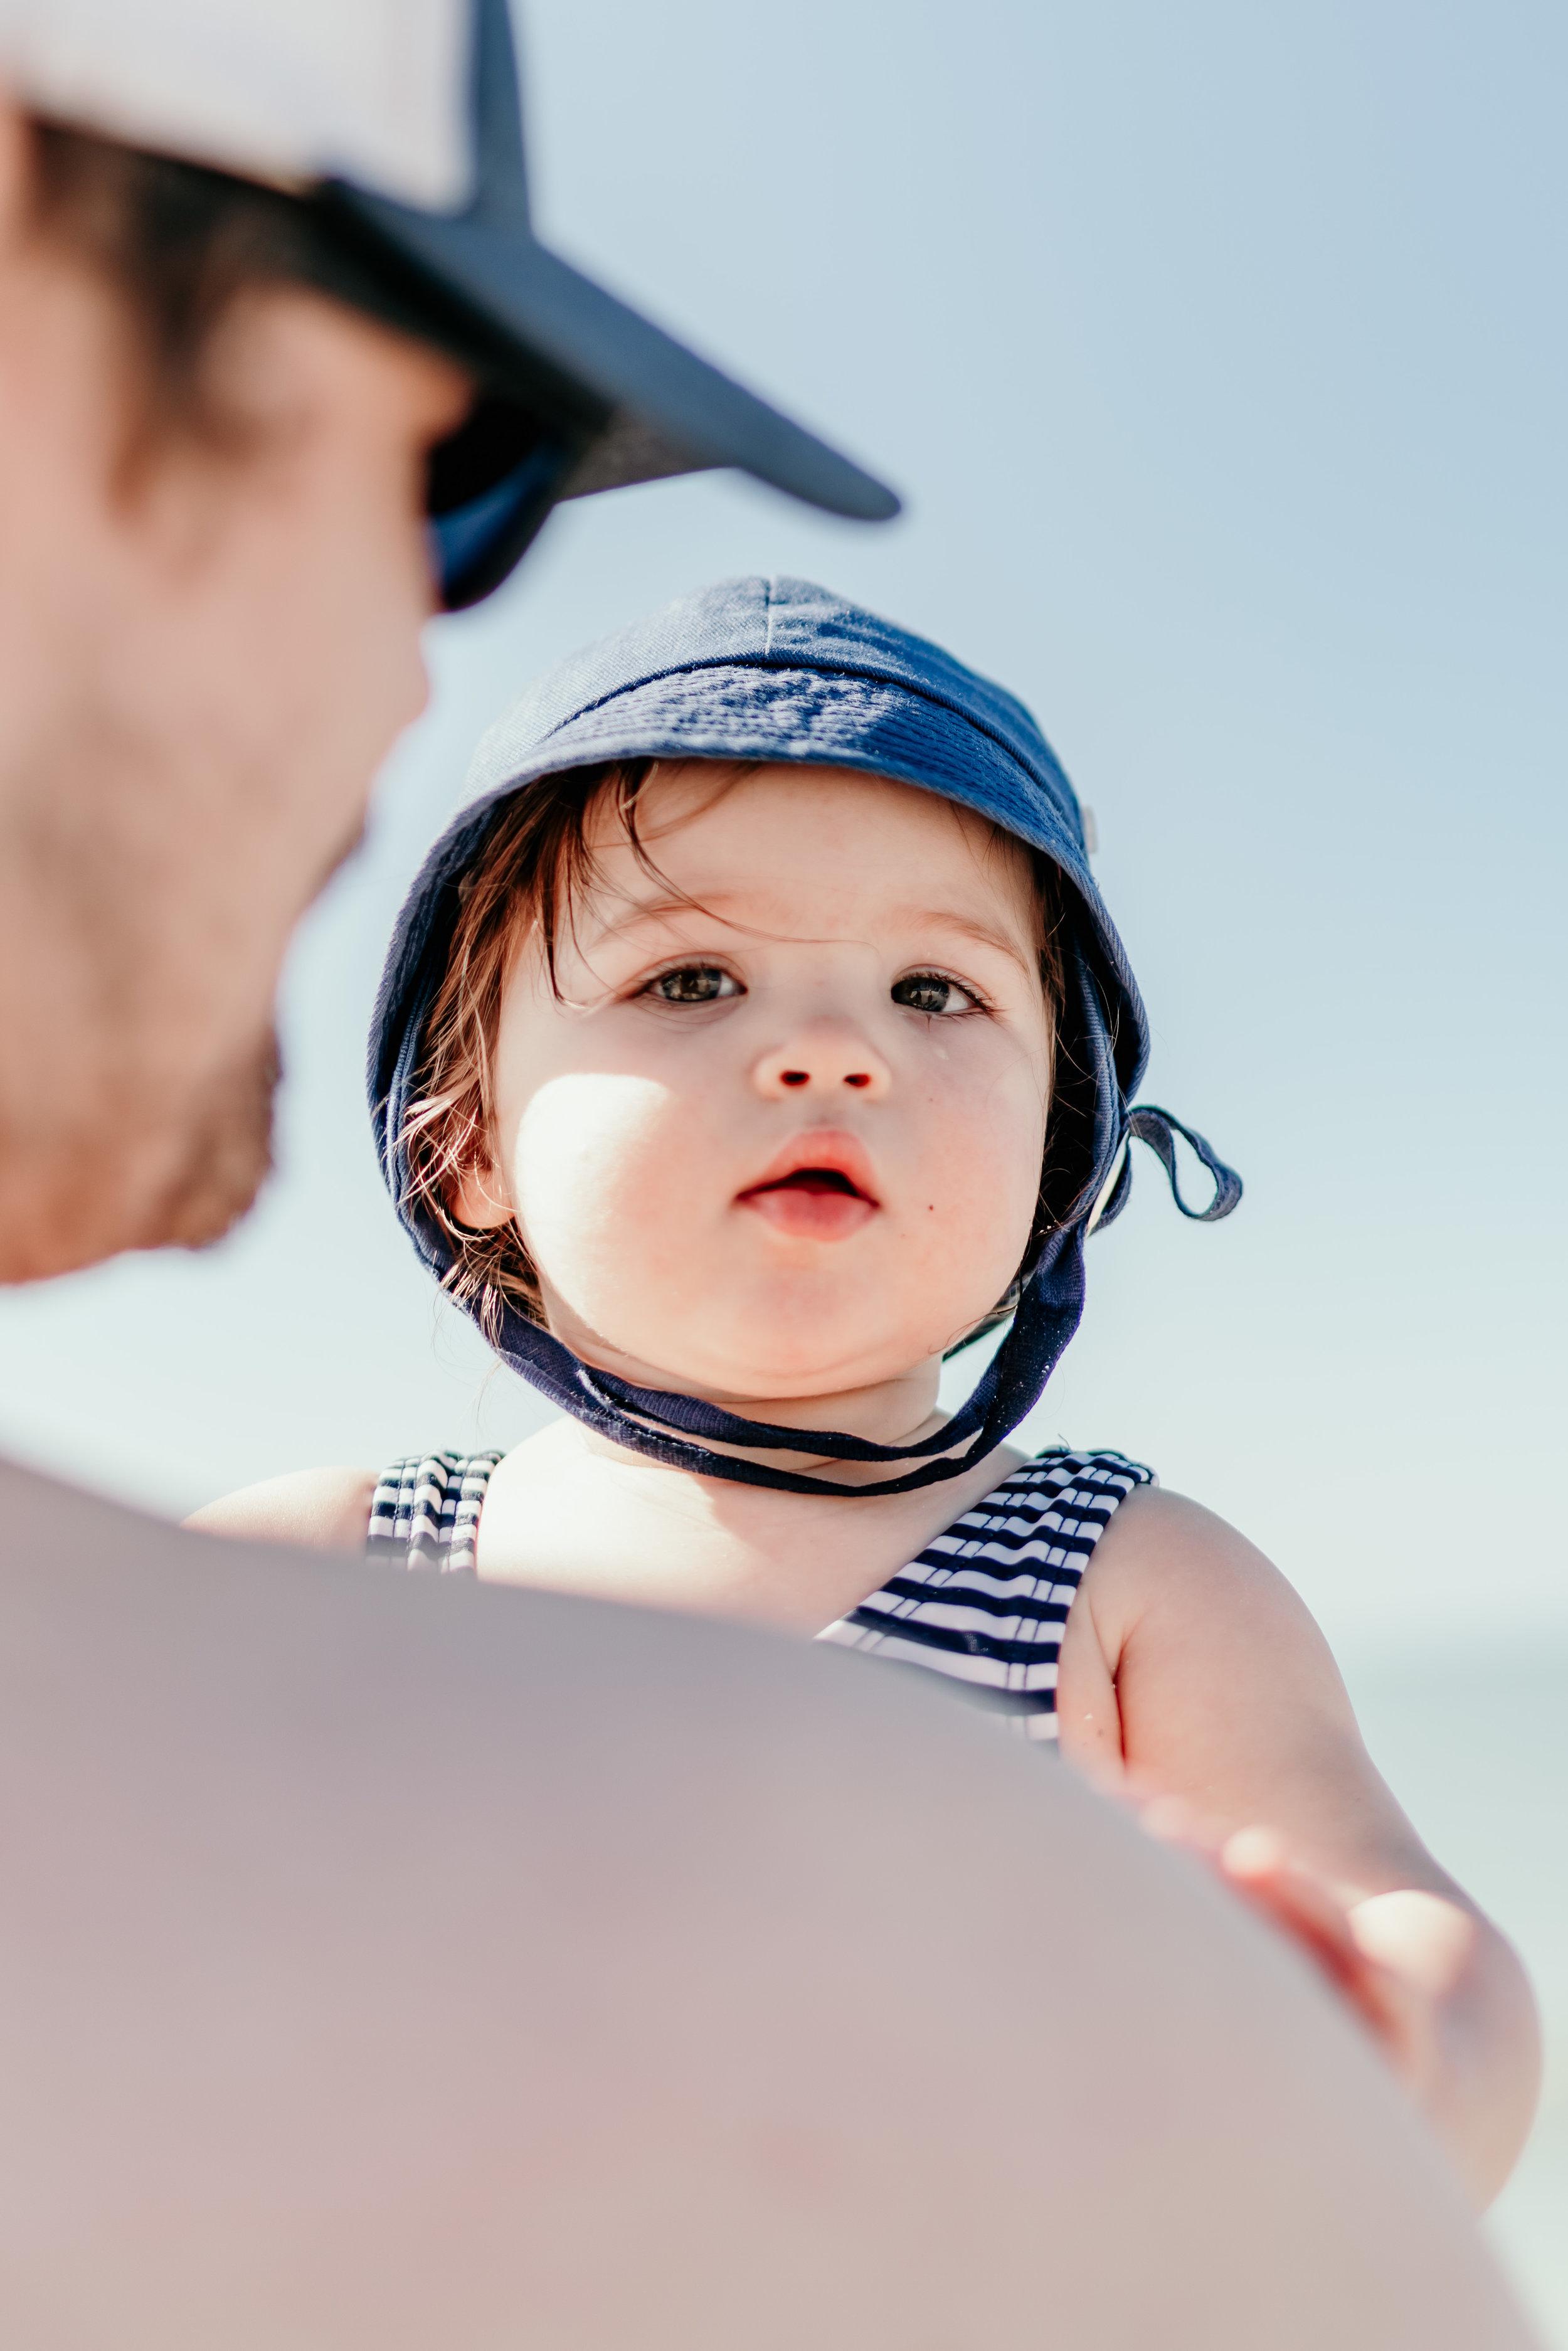 Baby Eden - Baby photoshoot